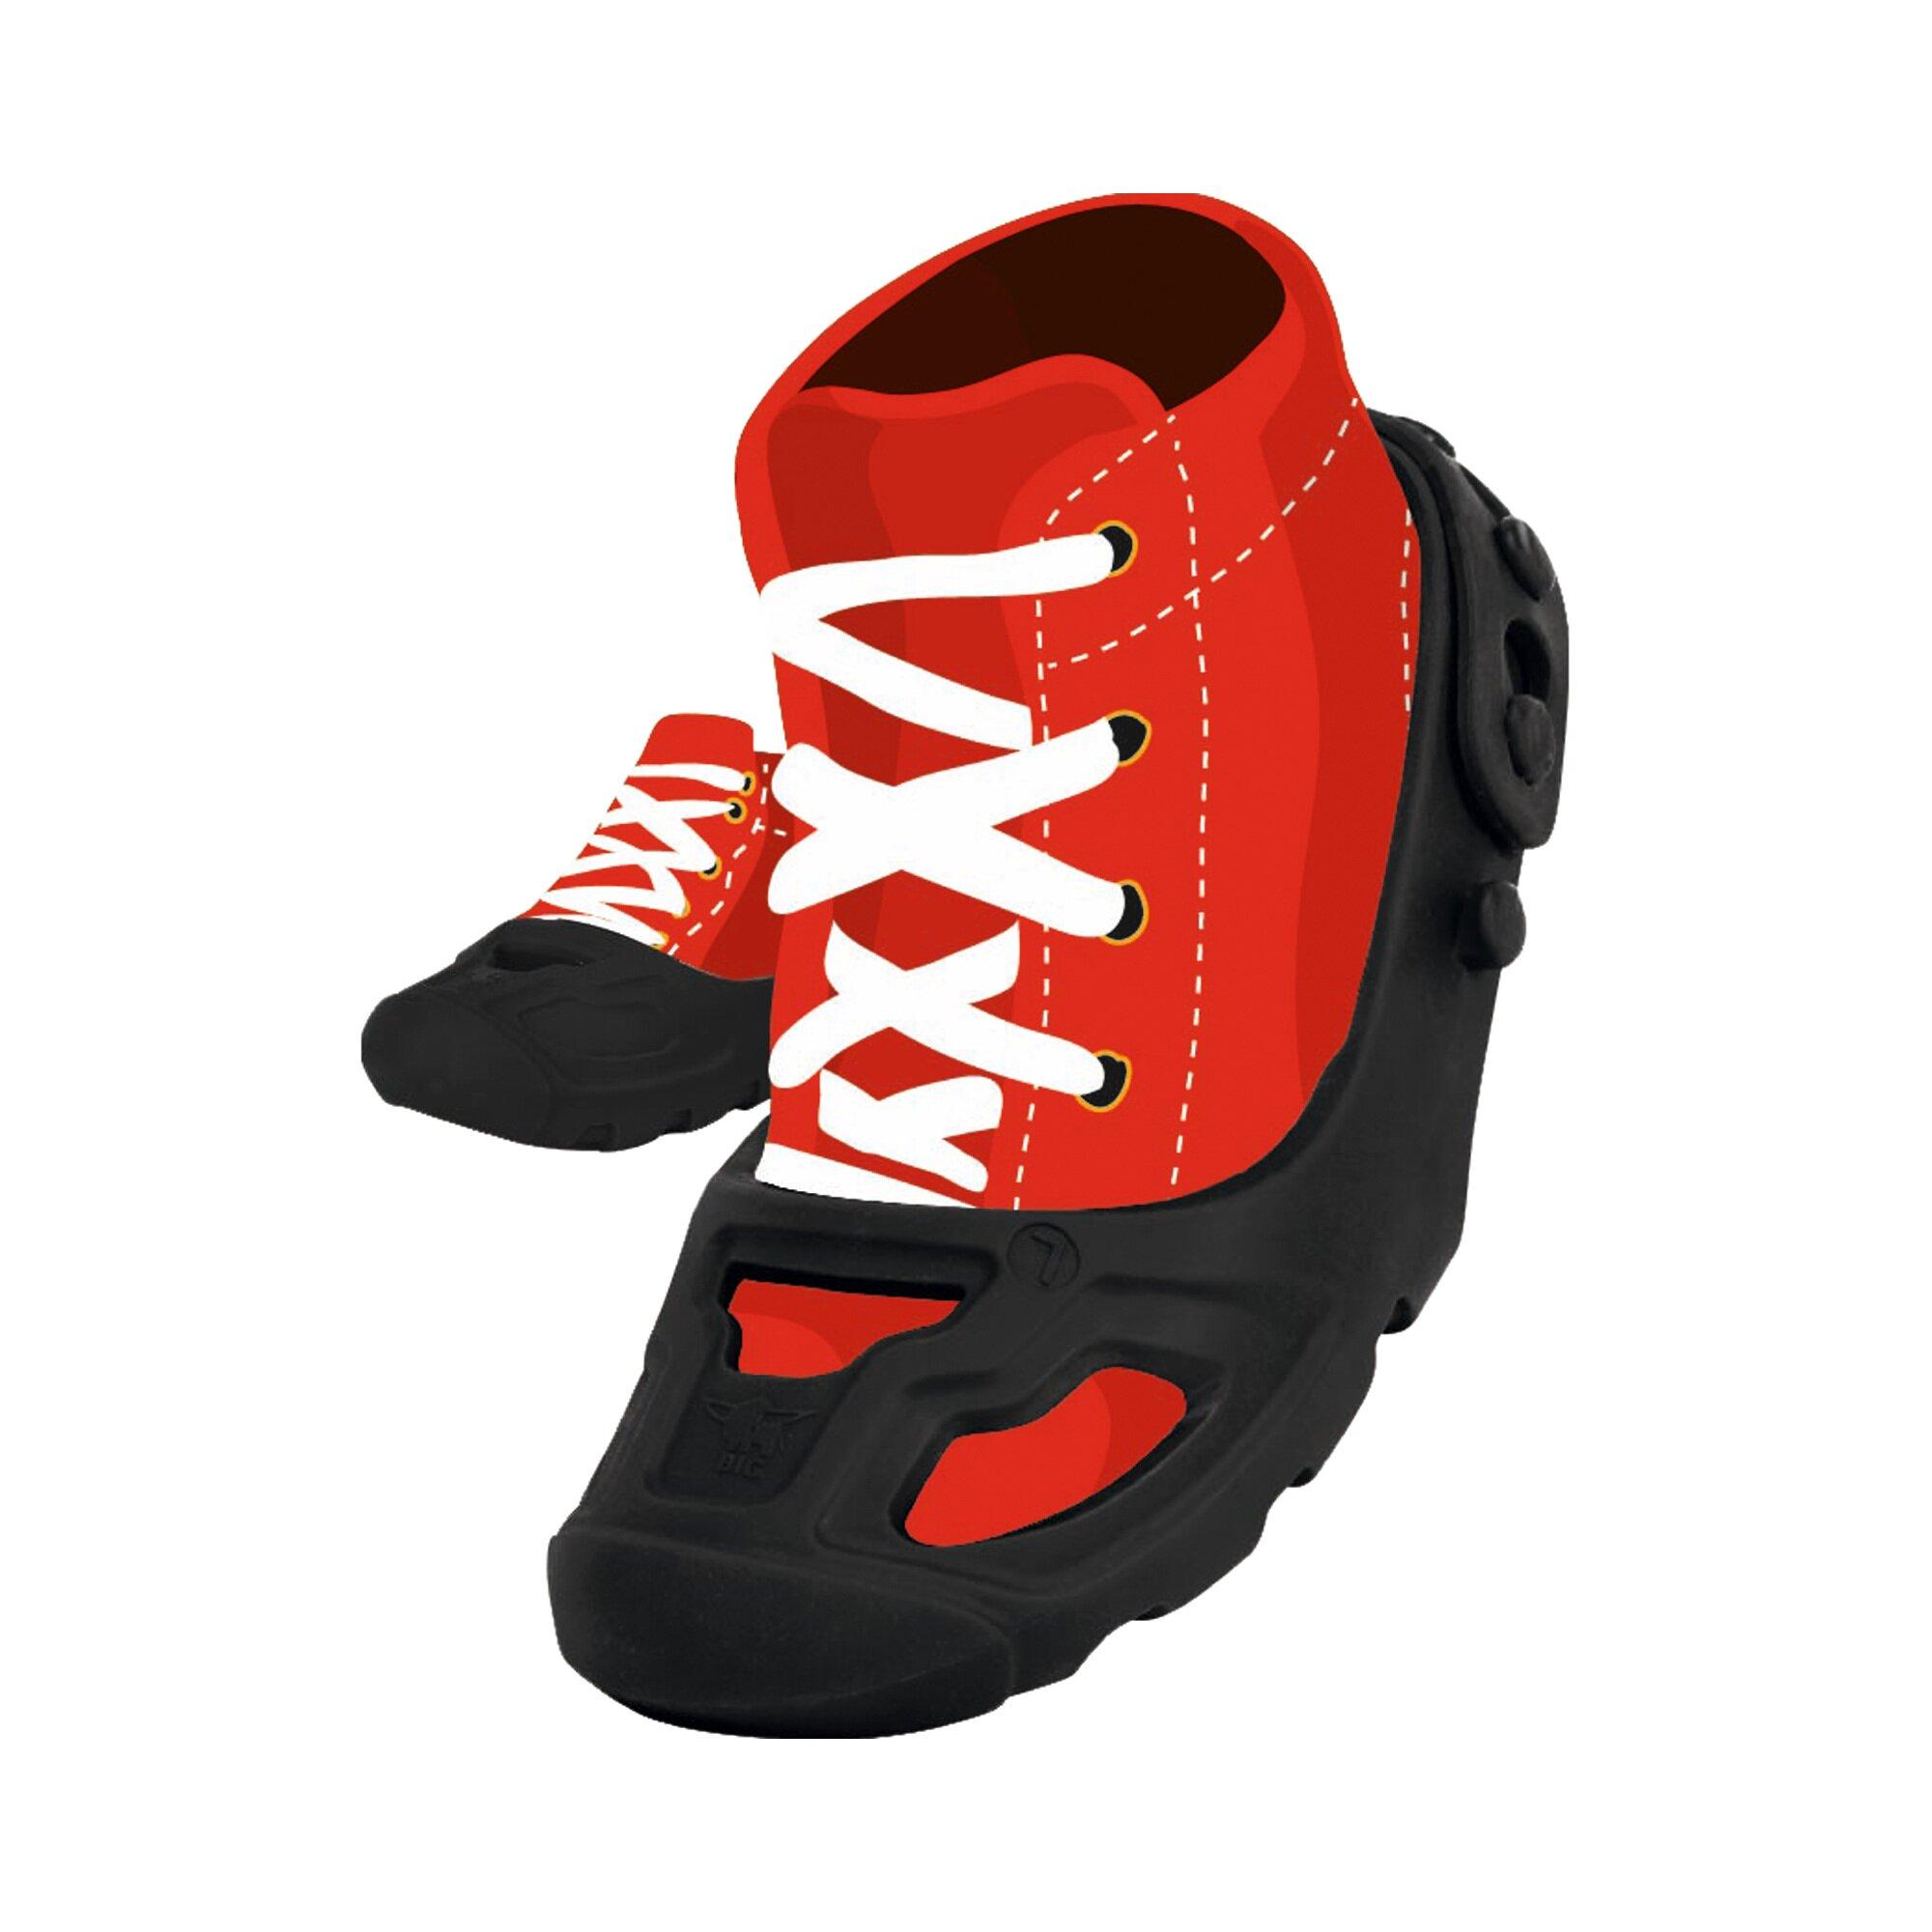 Big Schuhschoner Größe 21-27